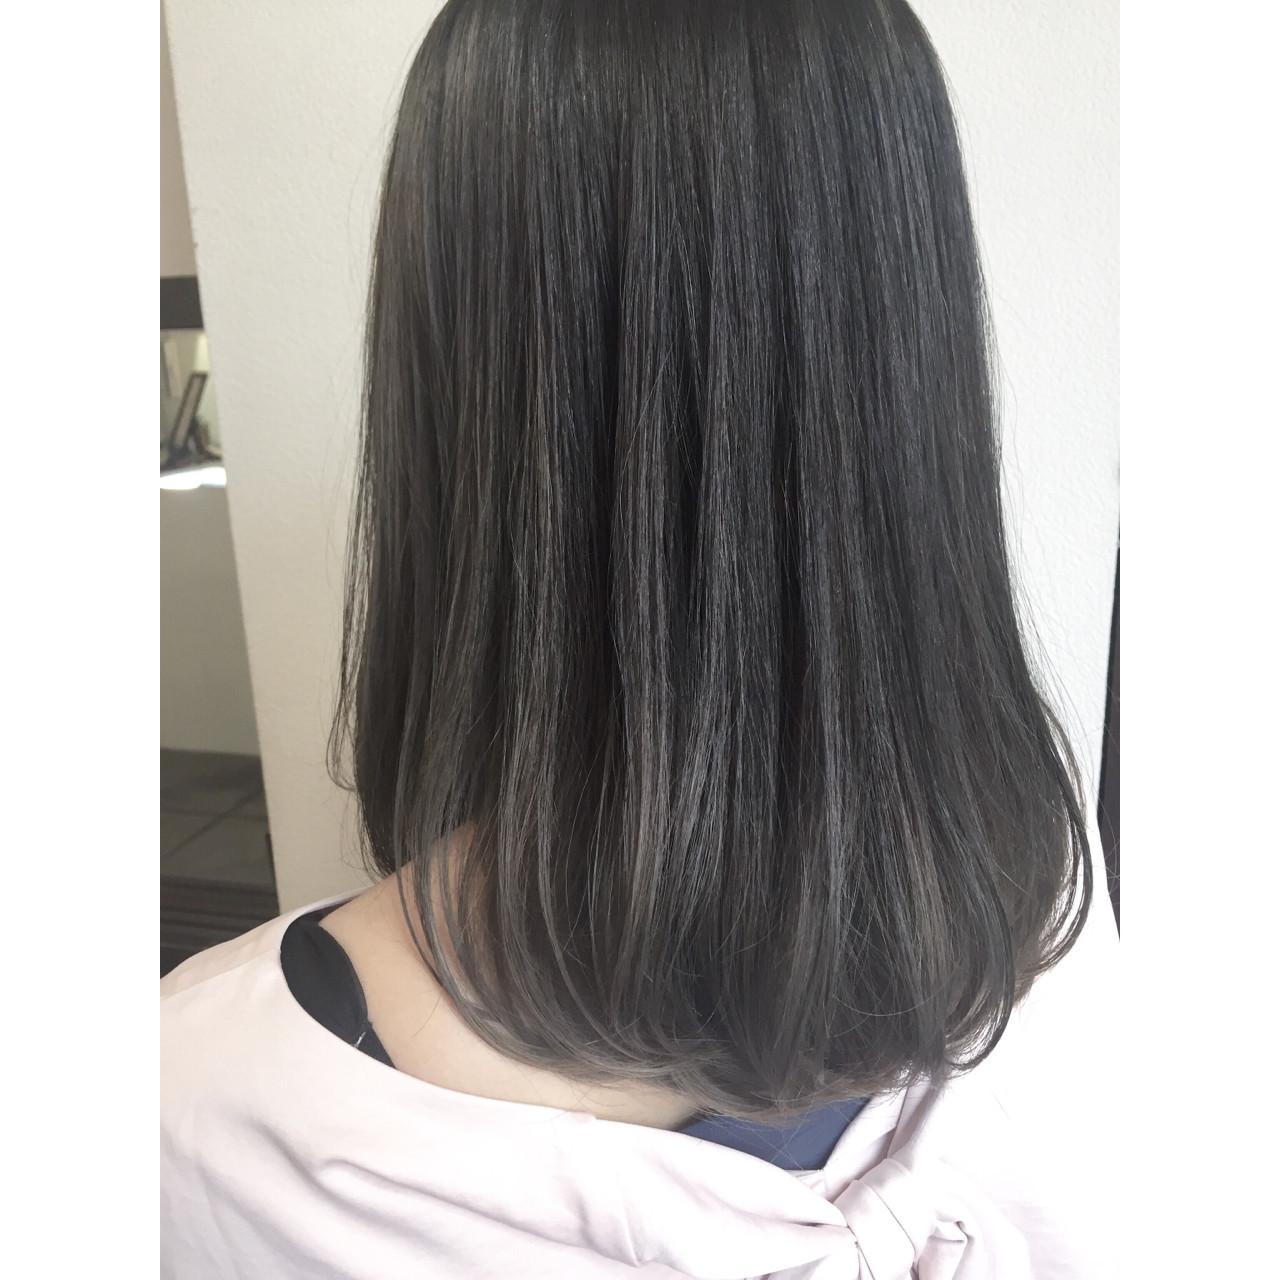 暗髪 ミディアム ブルーアッシュ ナチュラル ヘアスタイルや髪型の写真・画像